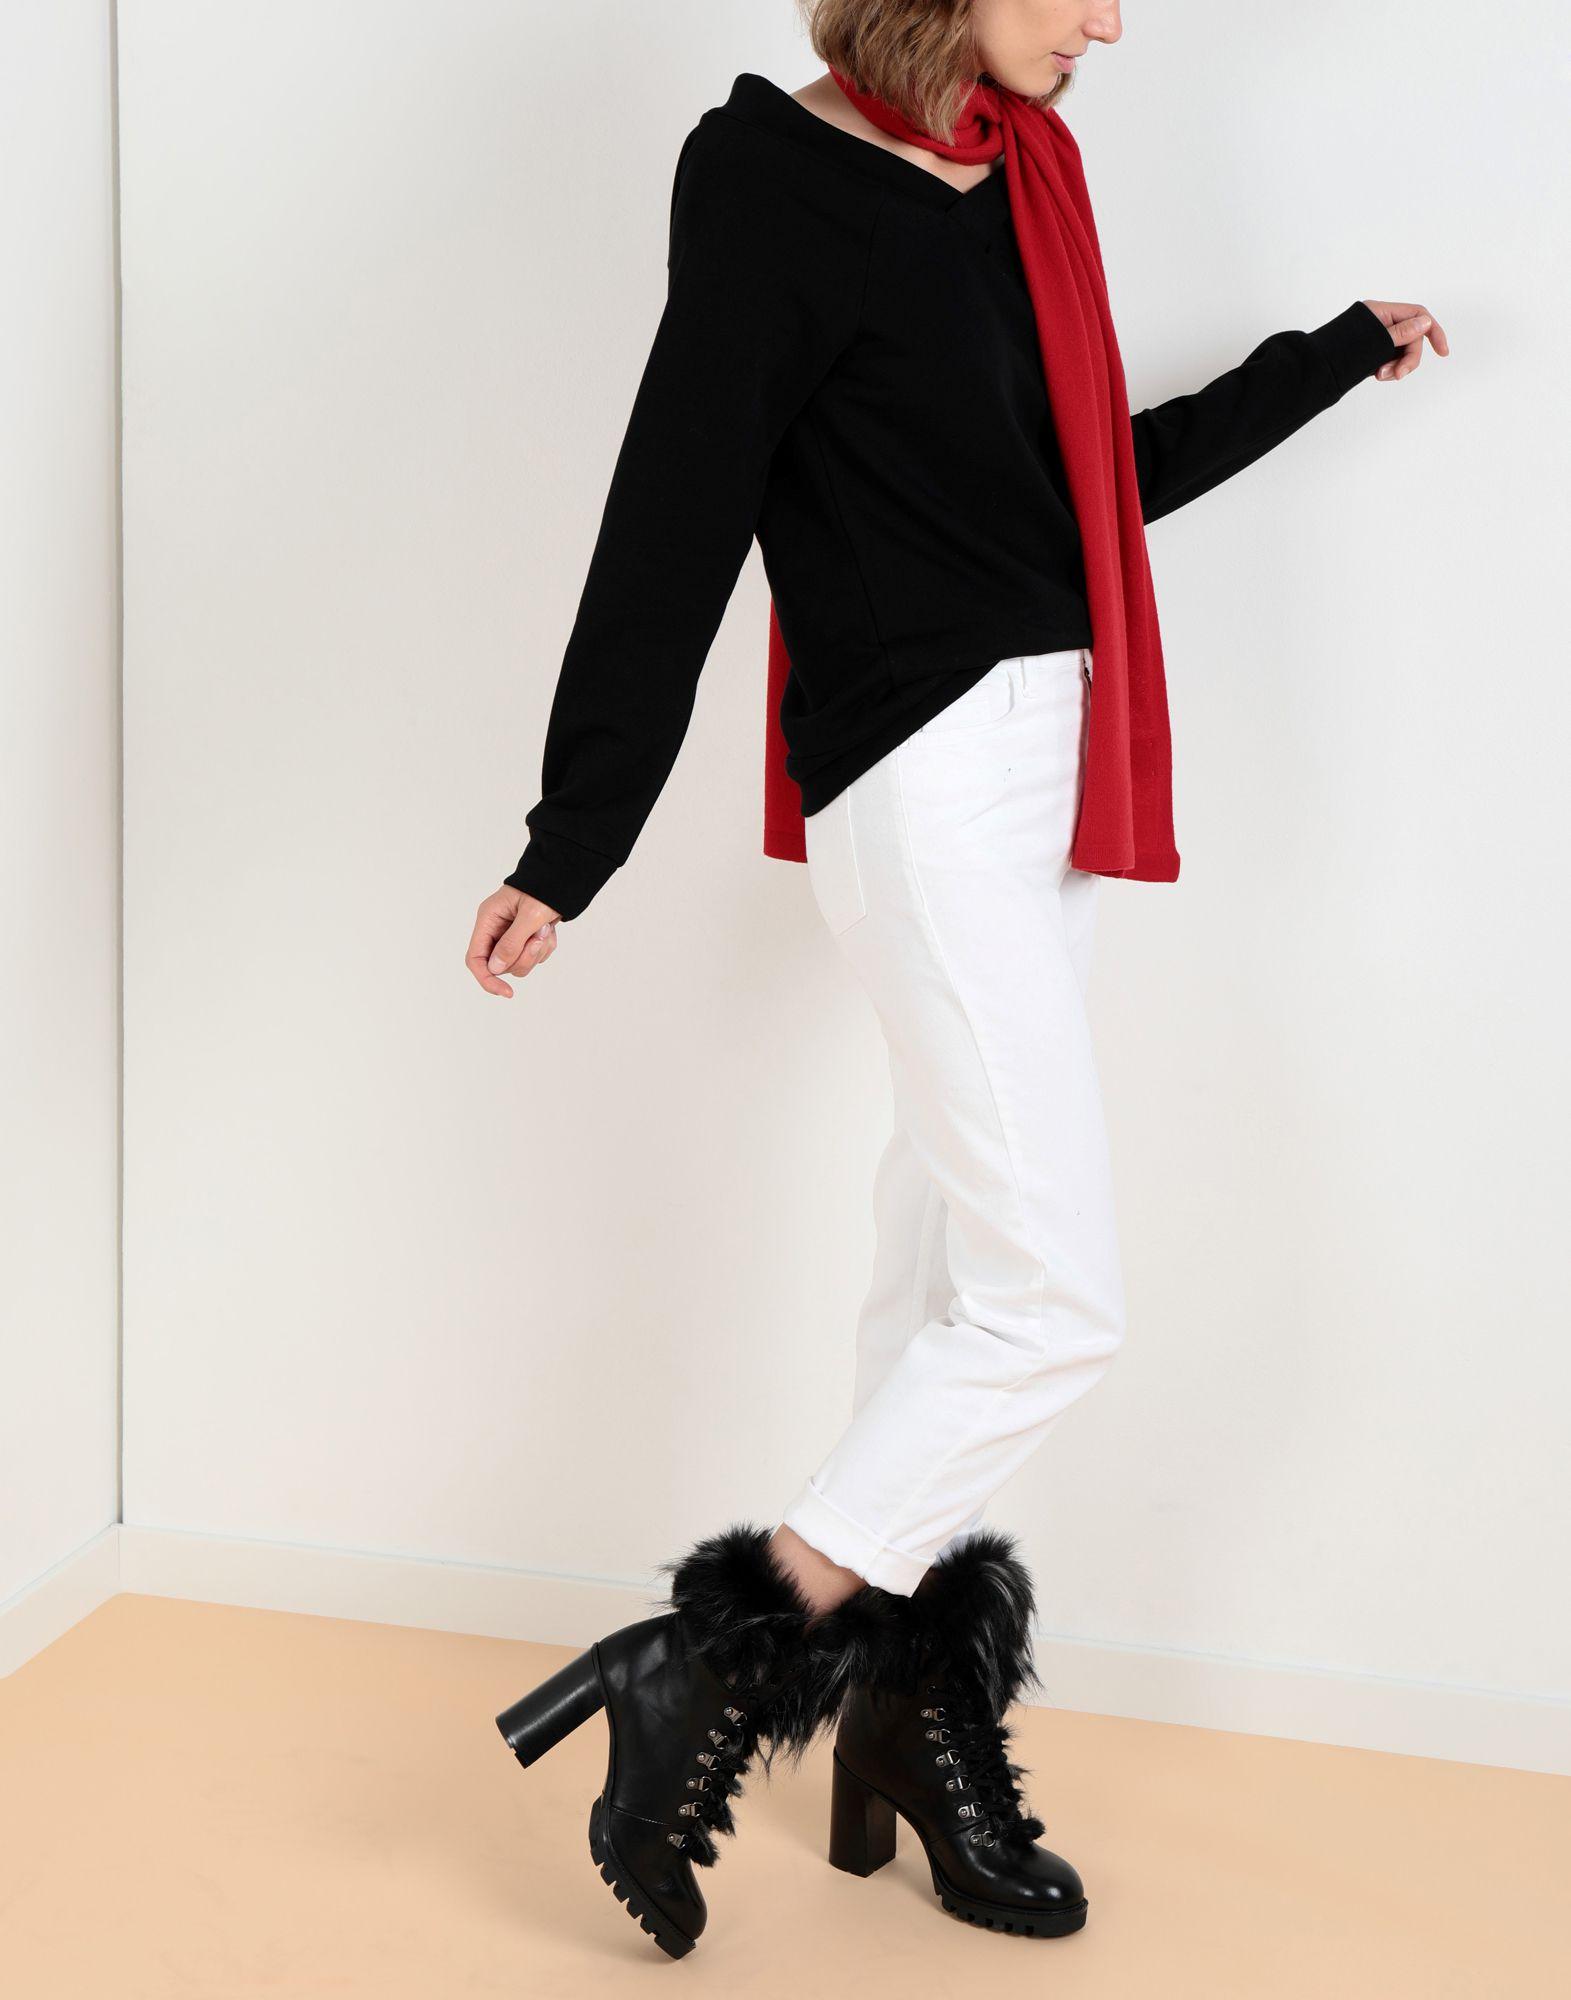 Stilvolle billige Stiefelette Schuhe George J. Love Stiefelette billige Damen  11538461NQ 947444